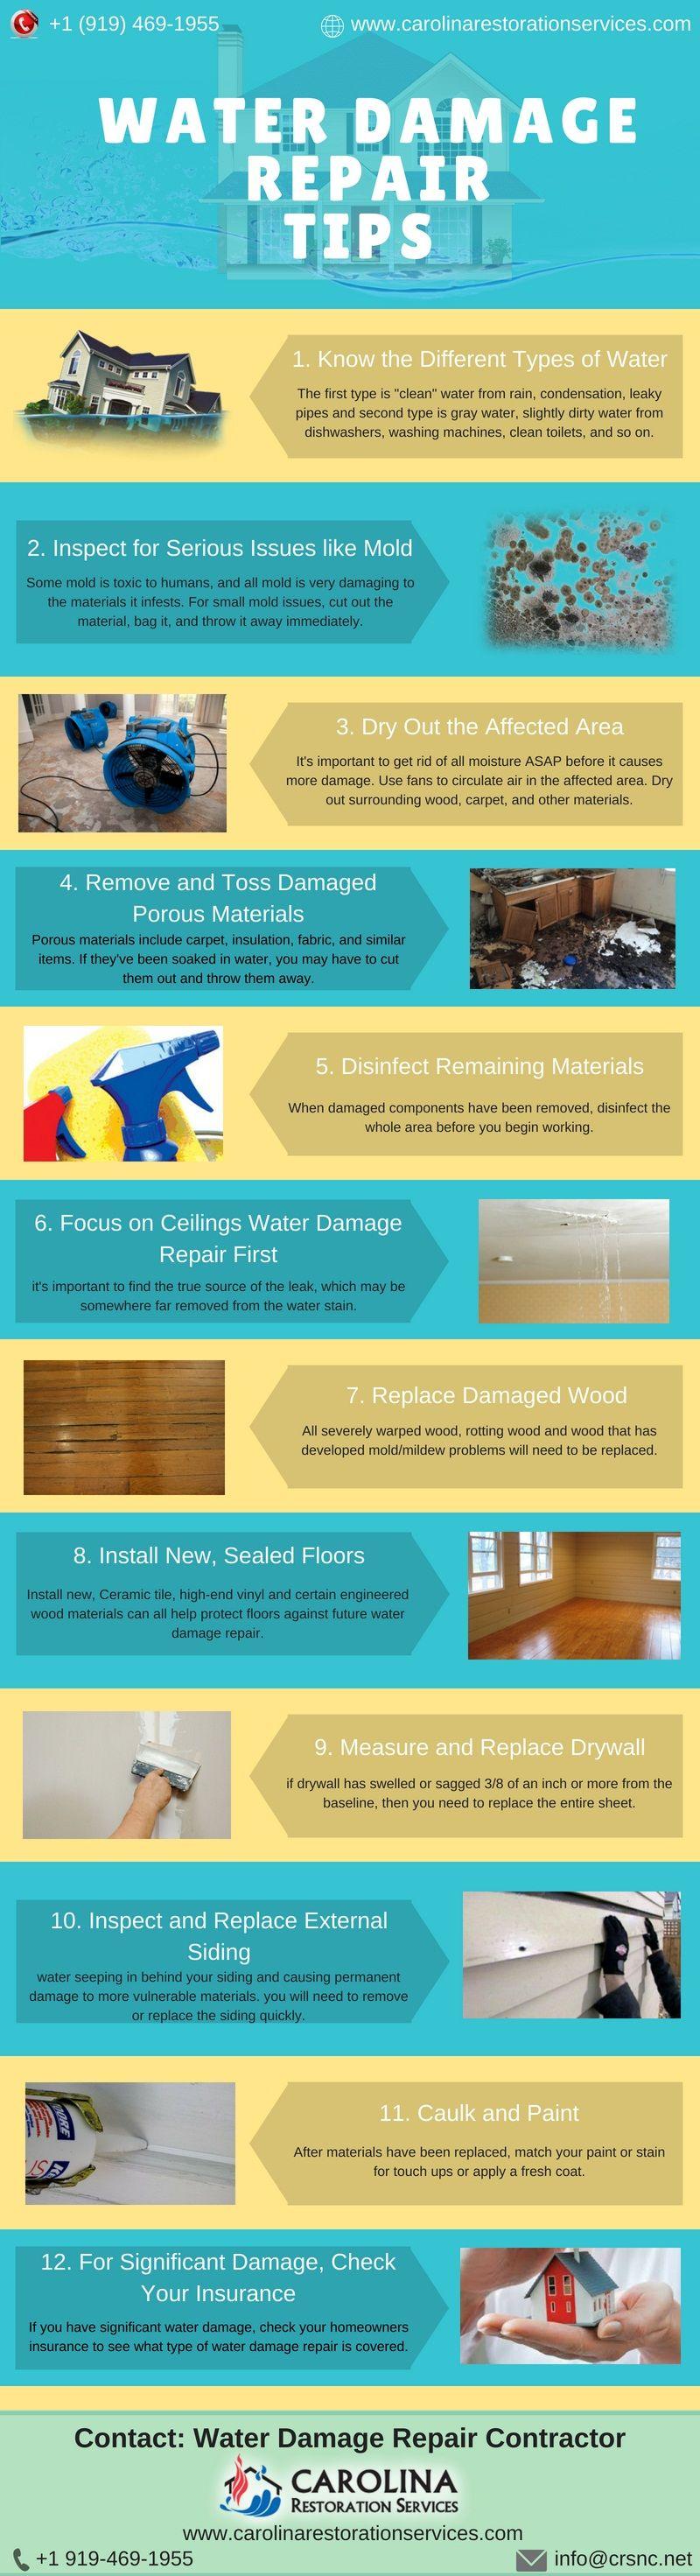 Tips for Water Damage Repair Water damage repair, Damage